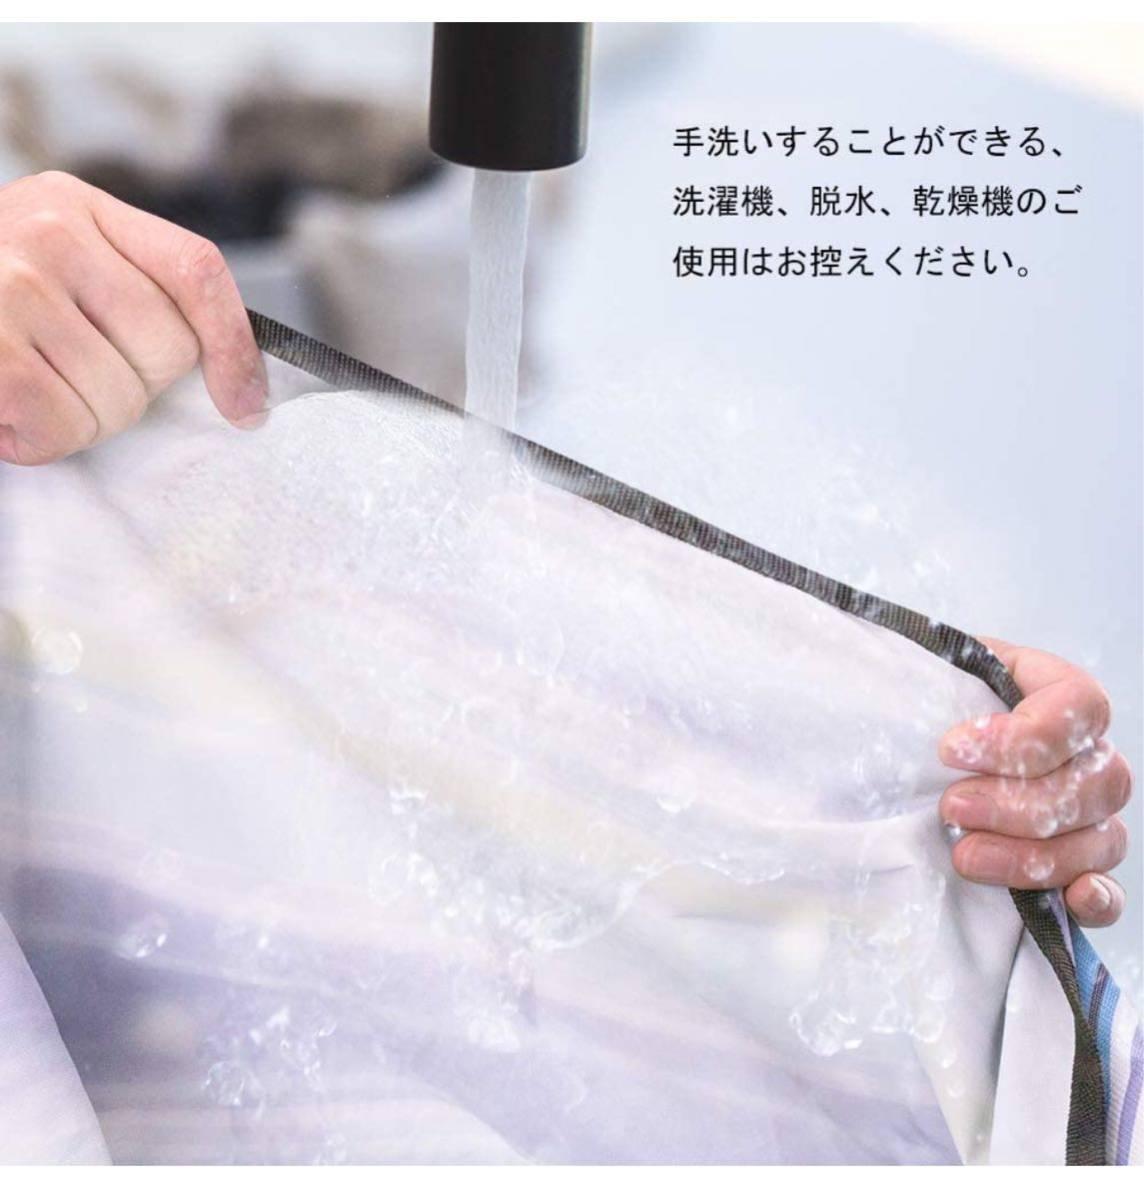 レジャーシート厚手 汚れない撥水 折りたたみ 洗濯機で洗える ギンガムチェック サイズ: 150*100